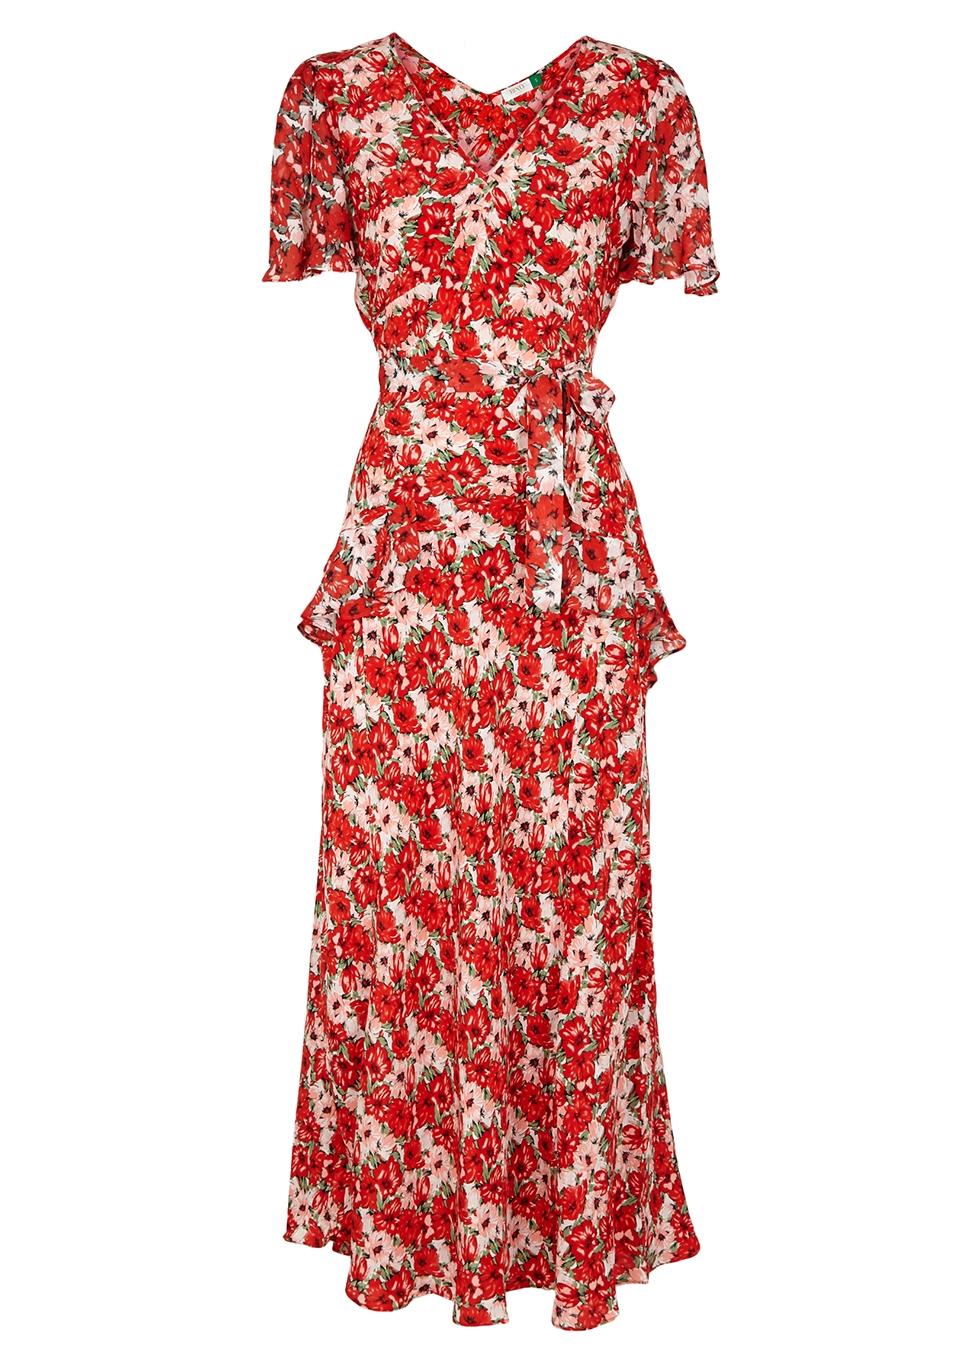 14cc27163 Women s Designer Clothing